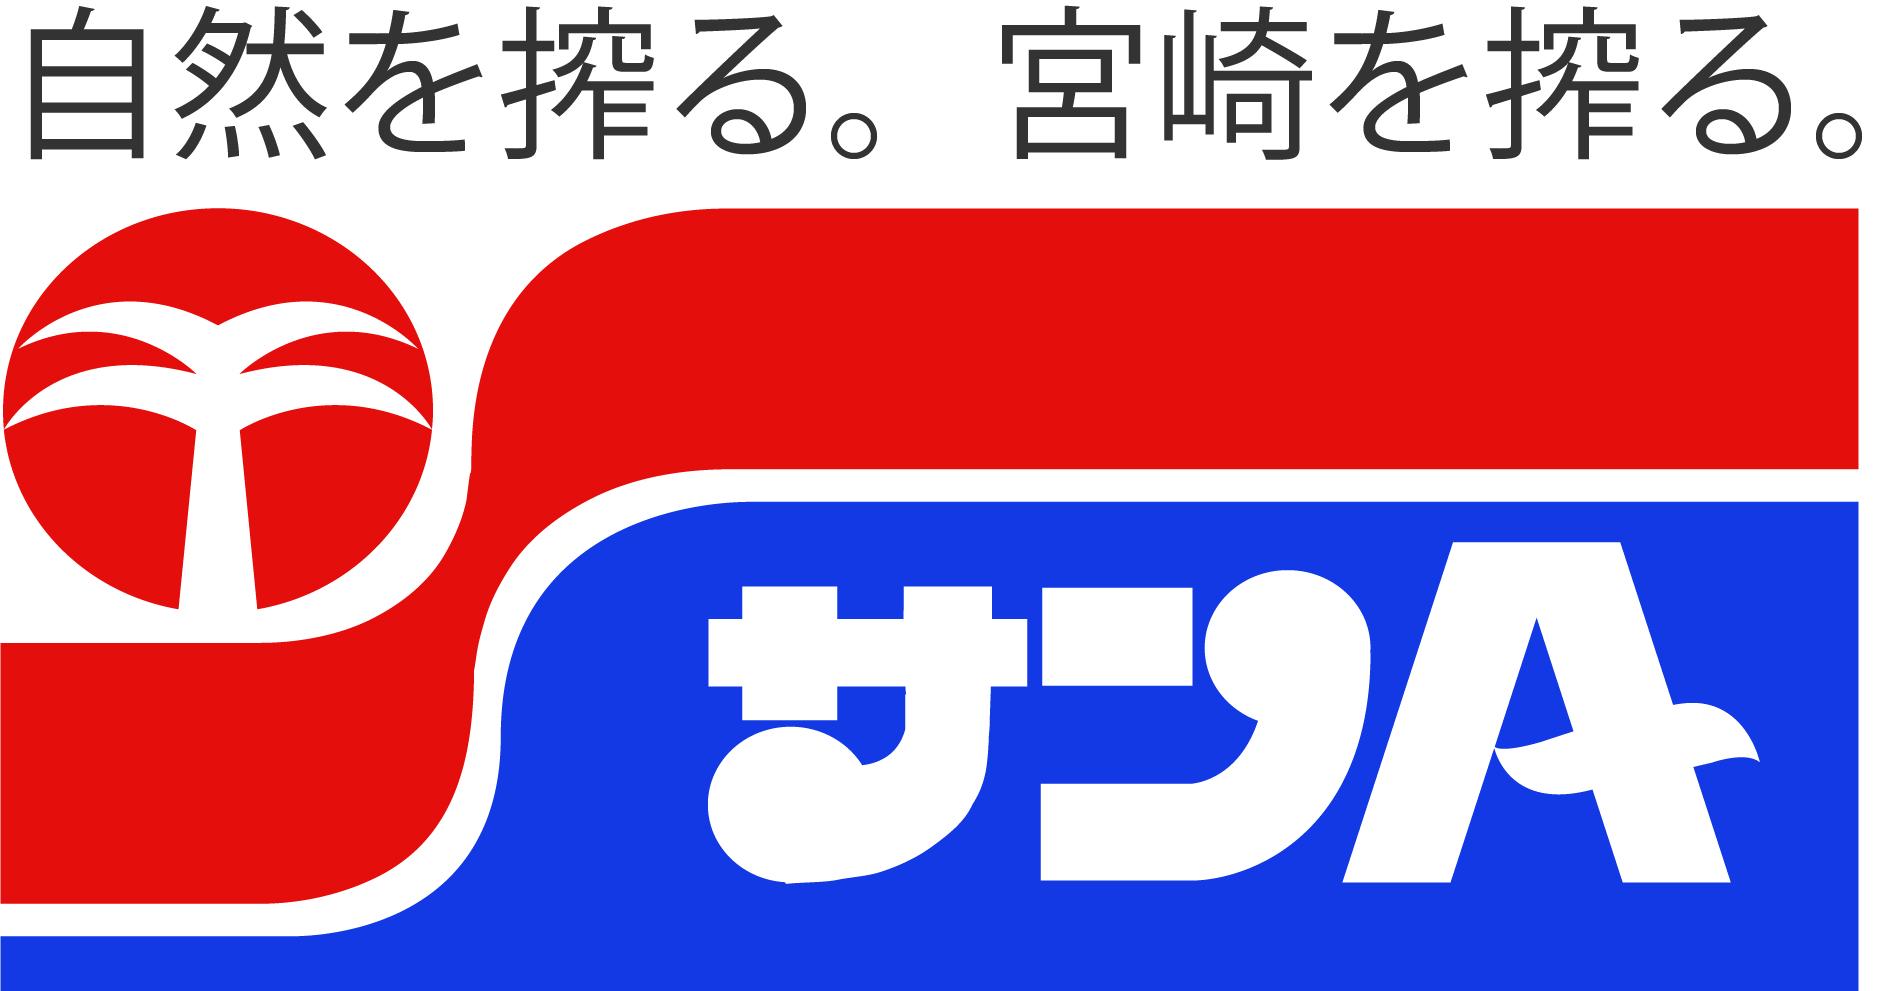 宮崎県農協果汁株式会社